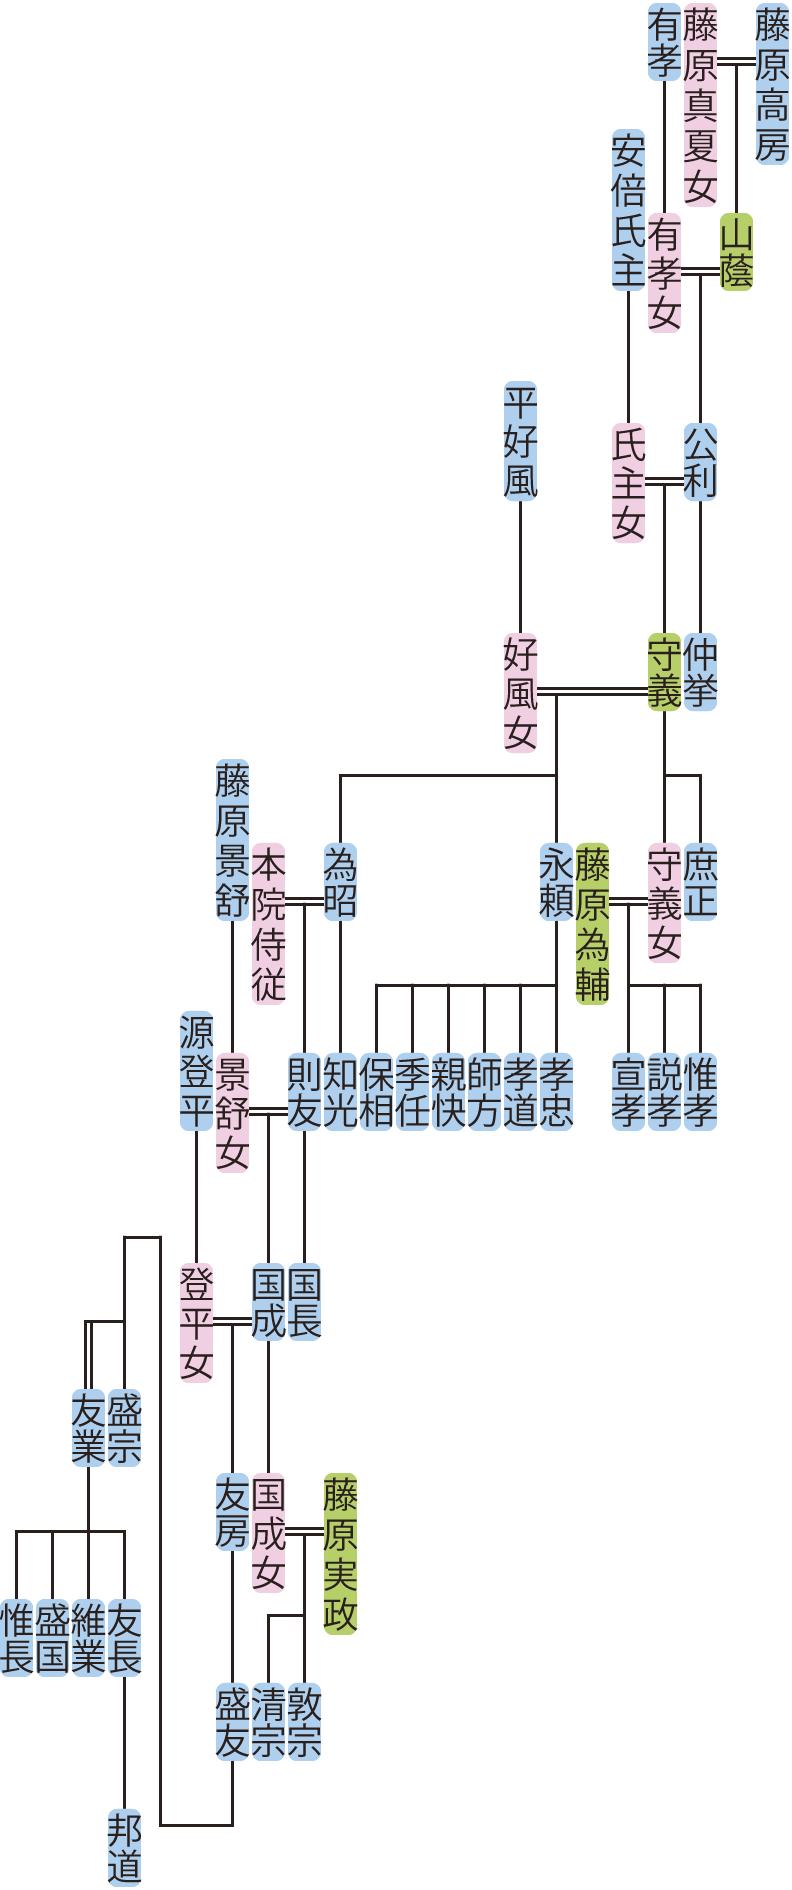 藤原公利・守義の系図